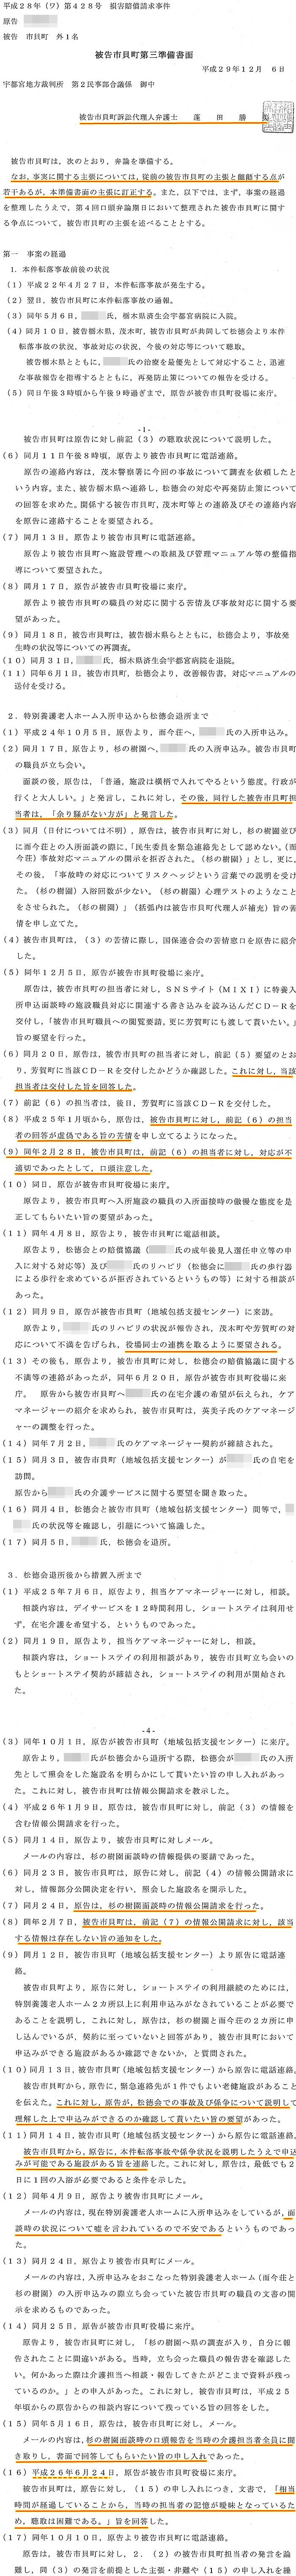 準備書面3 蓬田勝美弁護士 入野正明町長 市貝町 道の駅 サシバの里いちかい